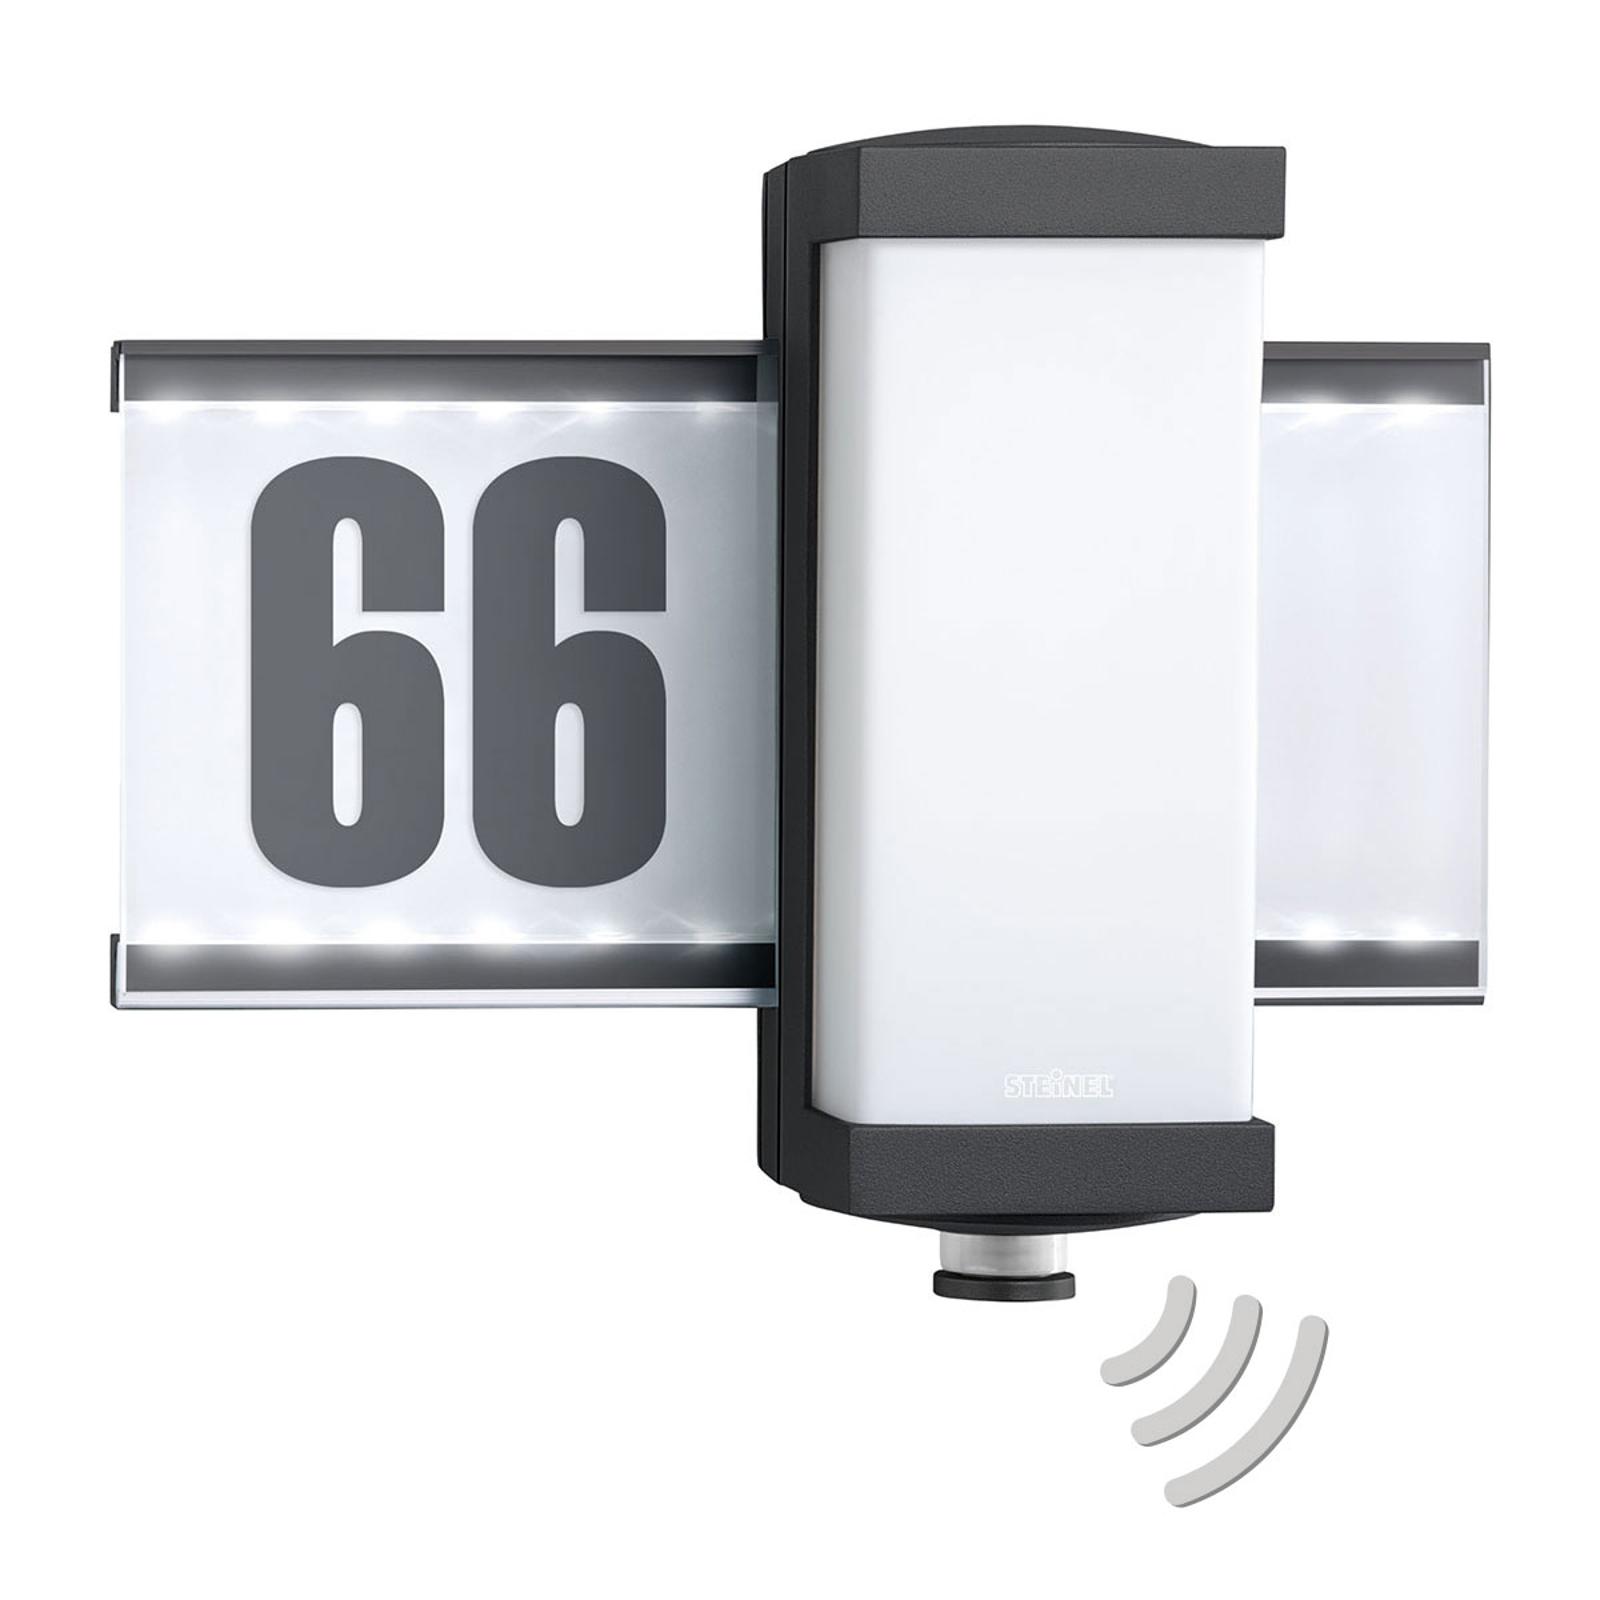 STEINEL L 665 V2 LED-Außenwandlampe Sensor NrPanel